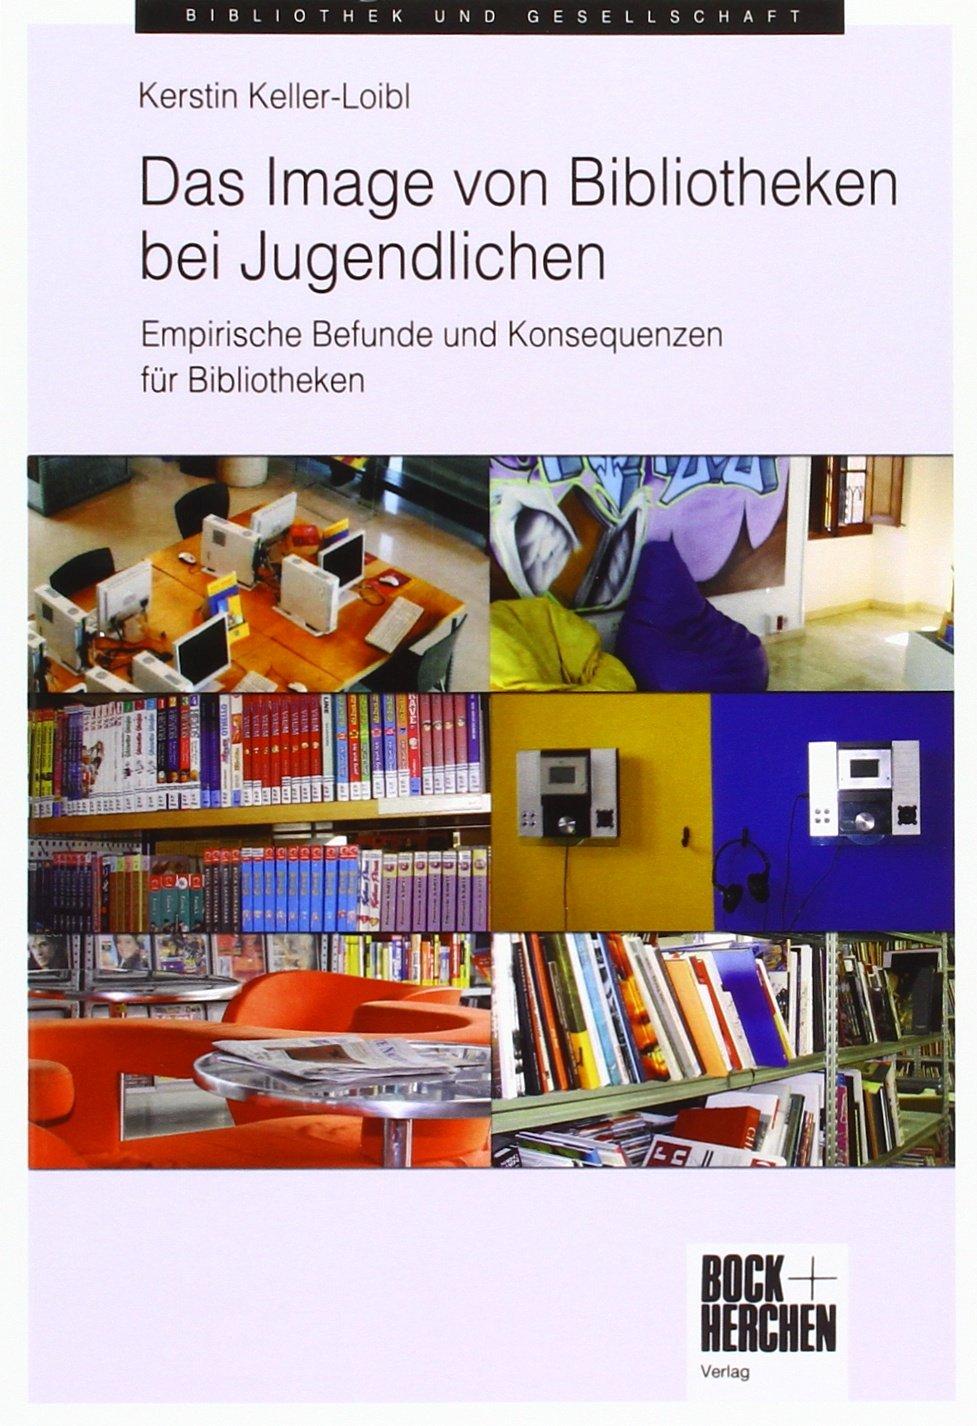 Das Image von Bibliotheken bei Jugendlichen: Empirische Befunde und Konsequenzen für Bibliotheken Taschenbuch – 30. Oktober 2012 Kerstin Keller-Loibl Bock + Herchen 3883472921 Verlagswesen